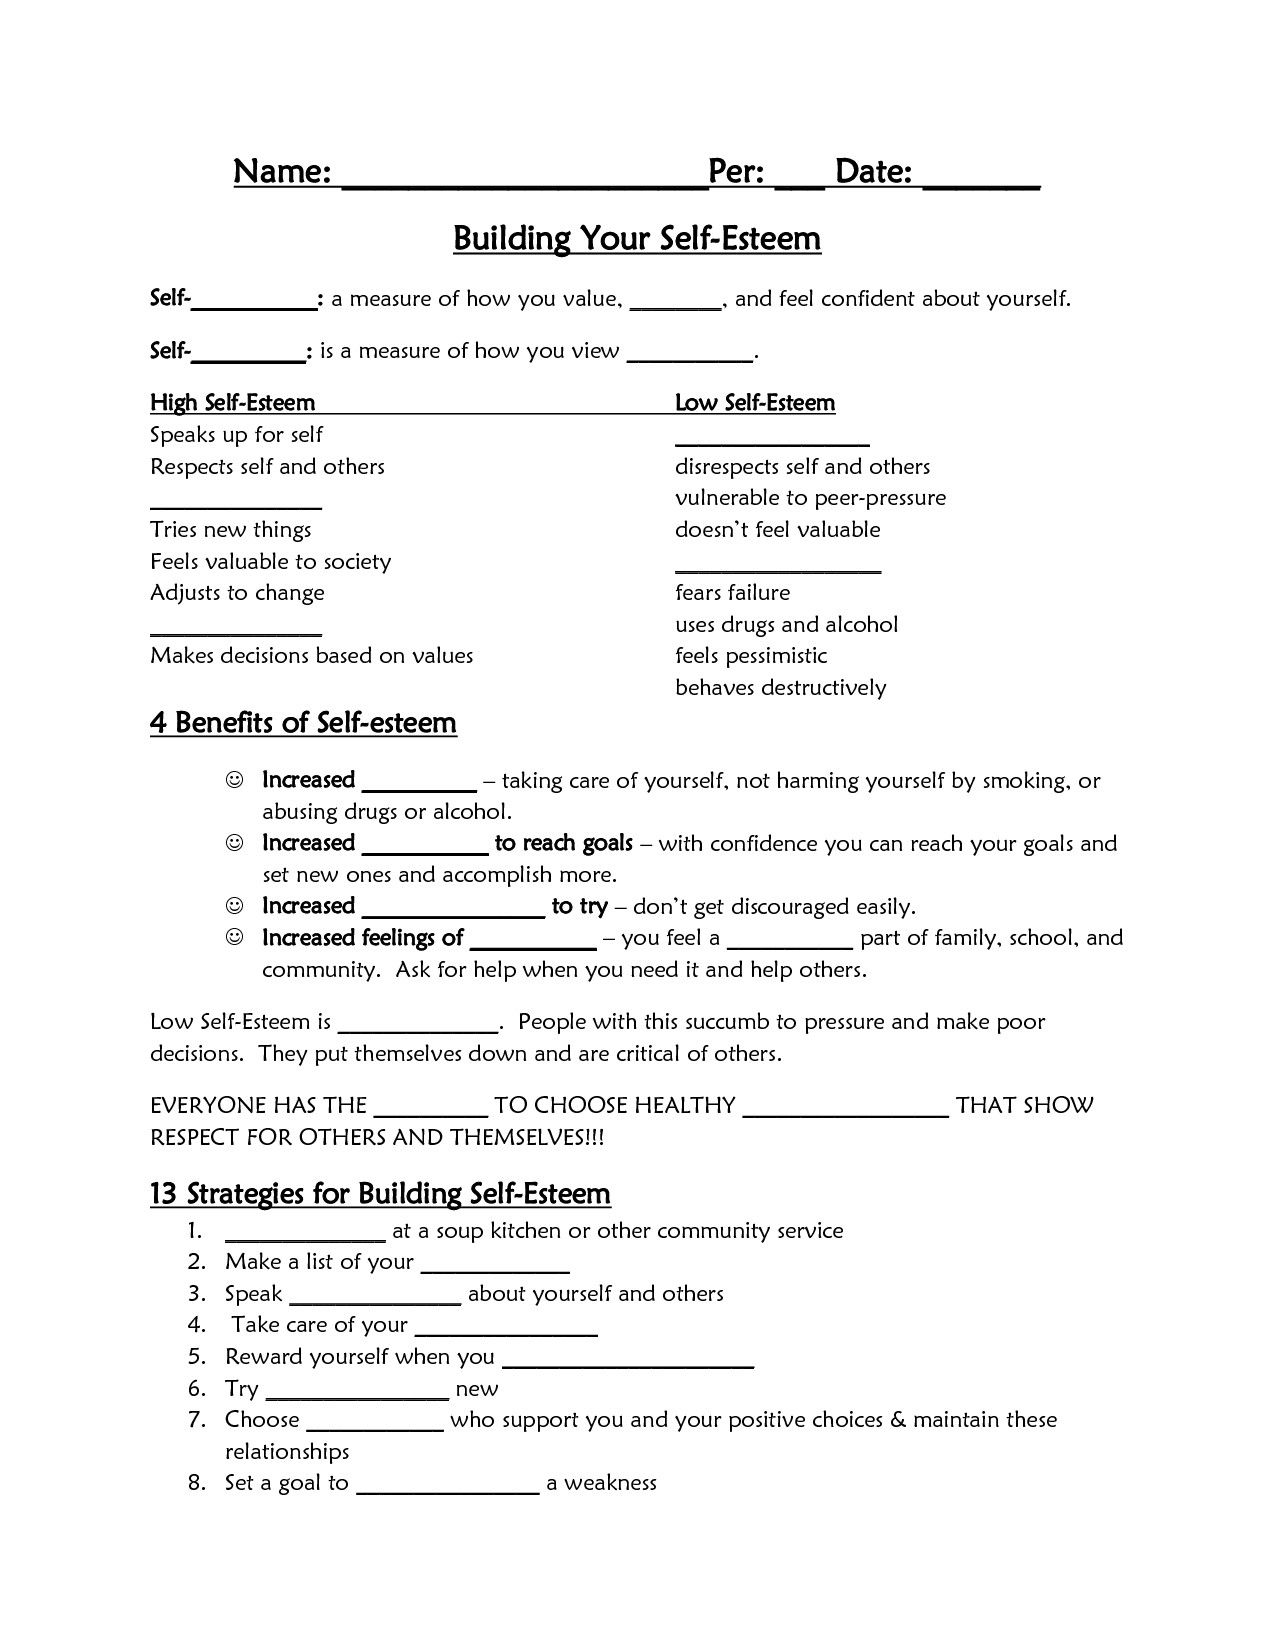 Self Esteem Printable Worksheets In